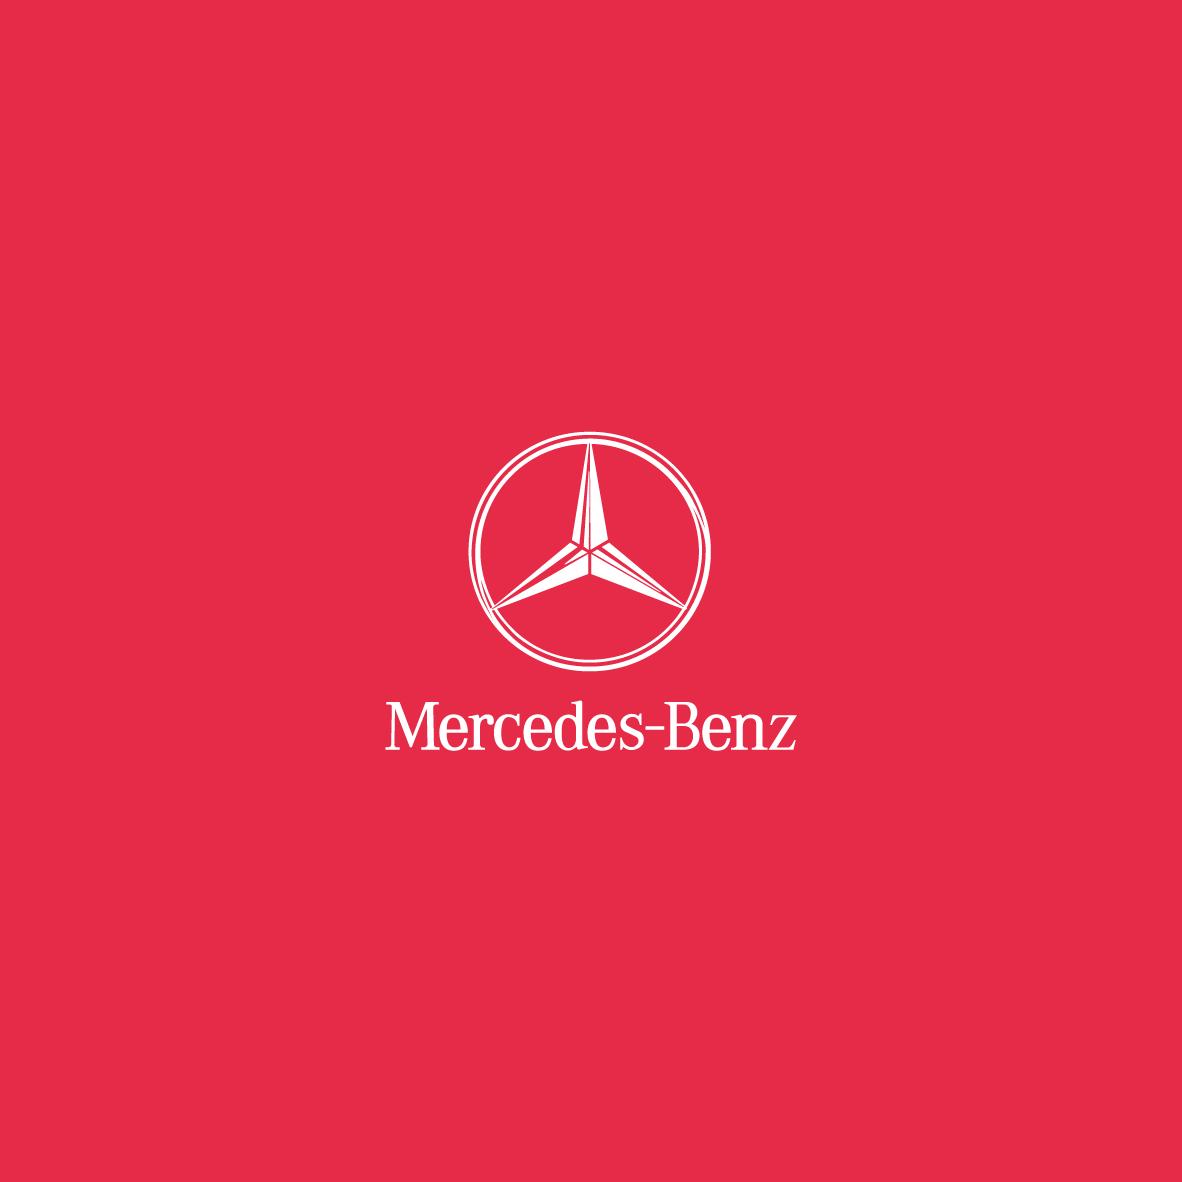 03_MERCEDES BENZ.png